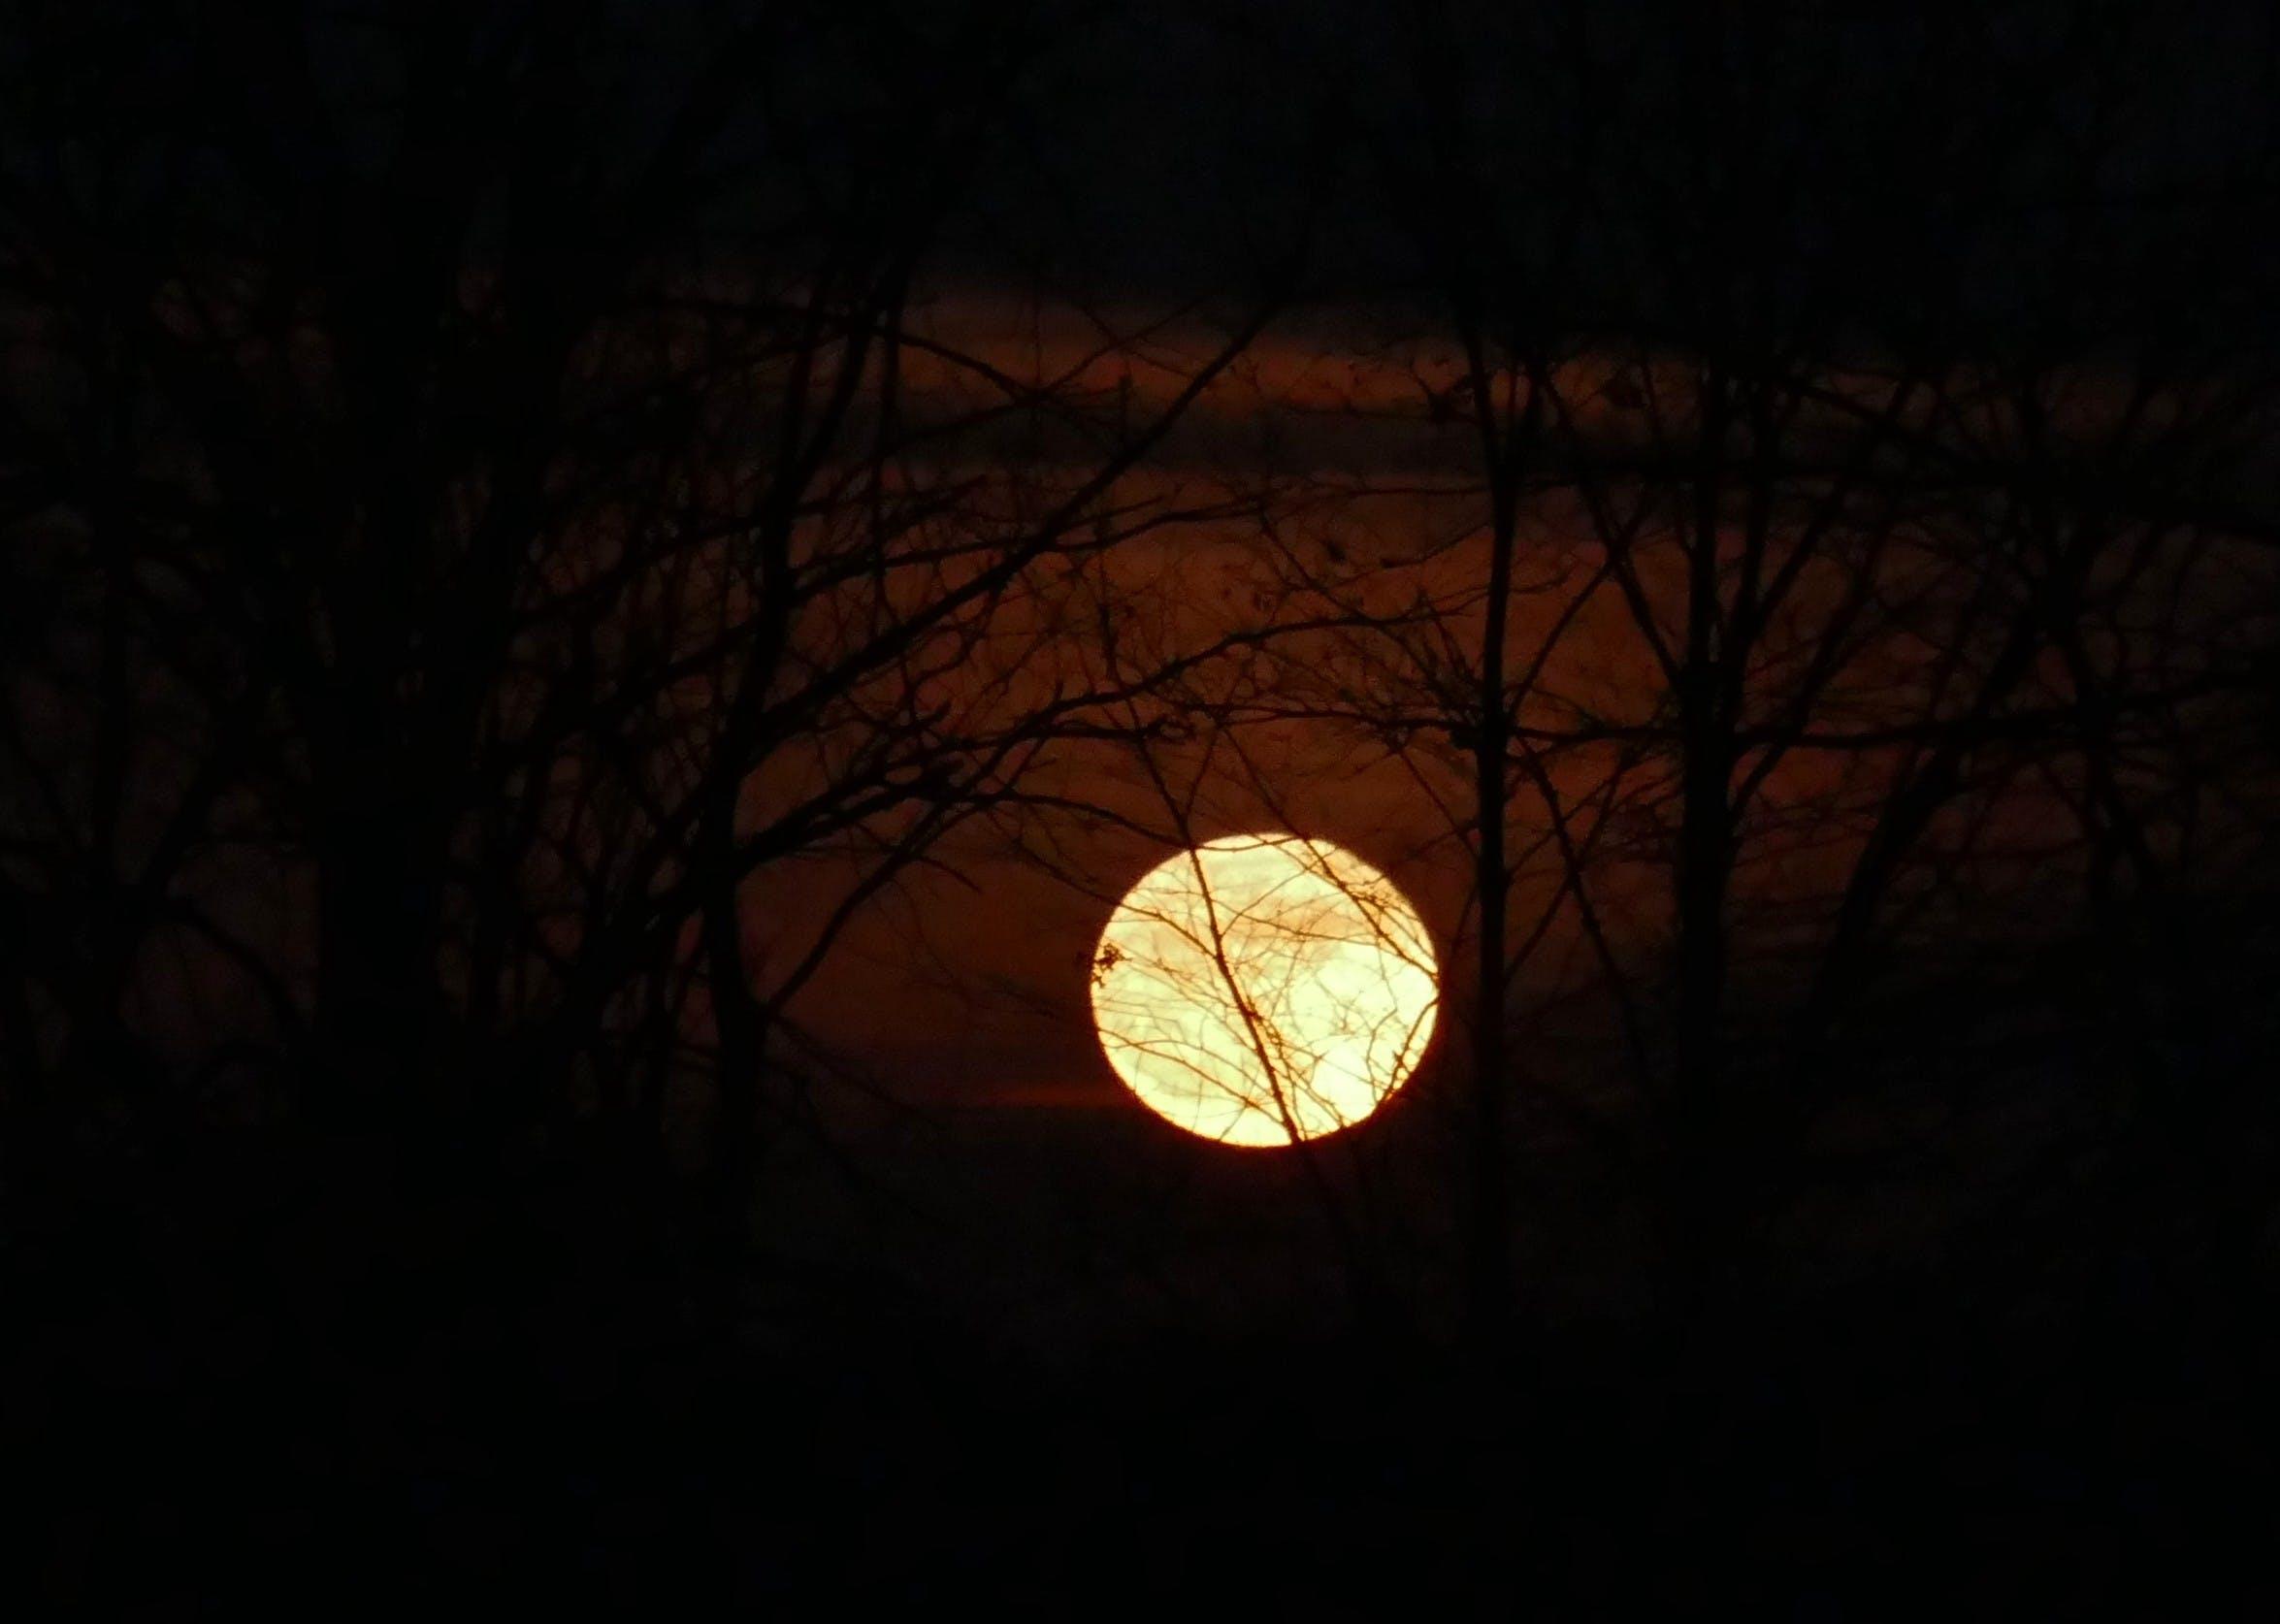 スーパームーン, 月, 月の出の無料の写真素材